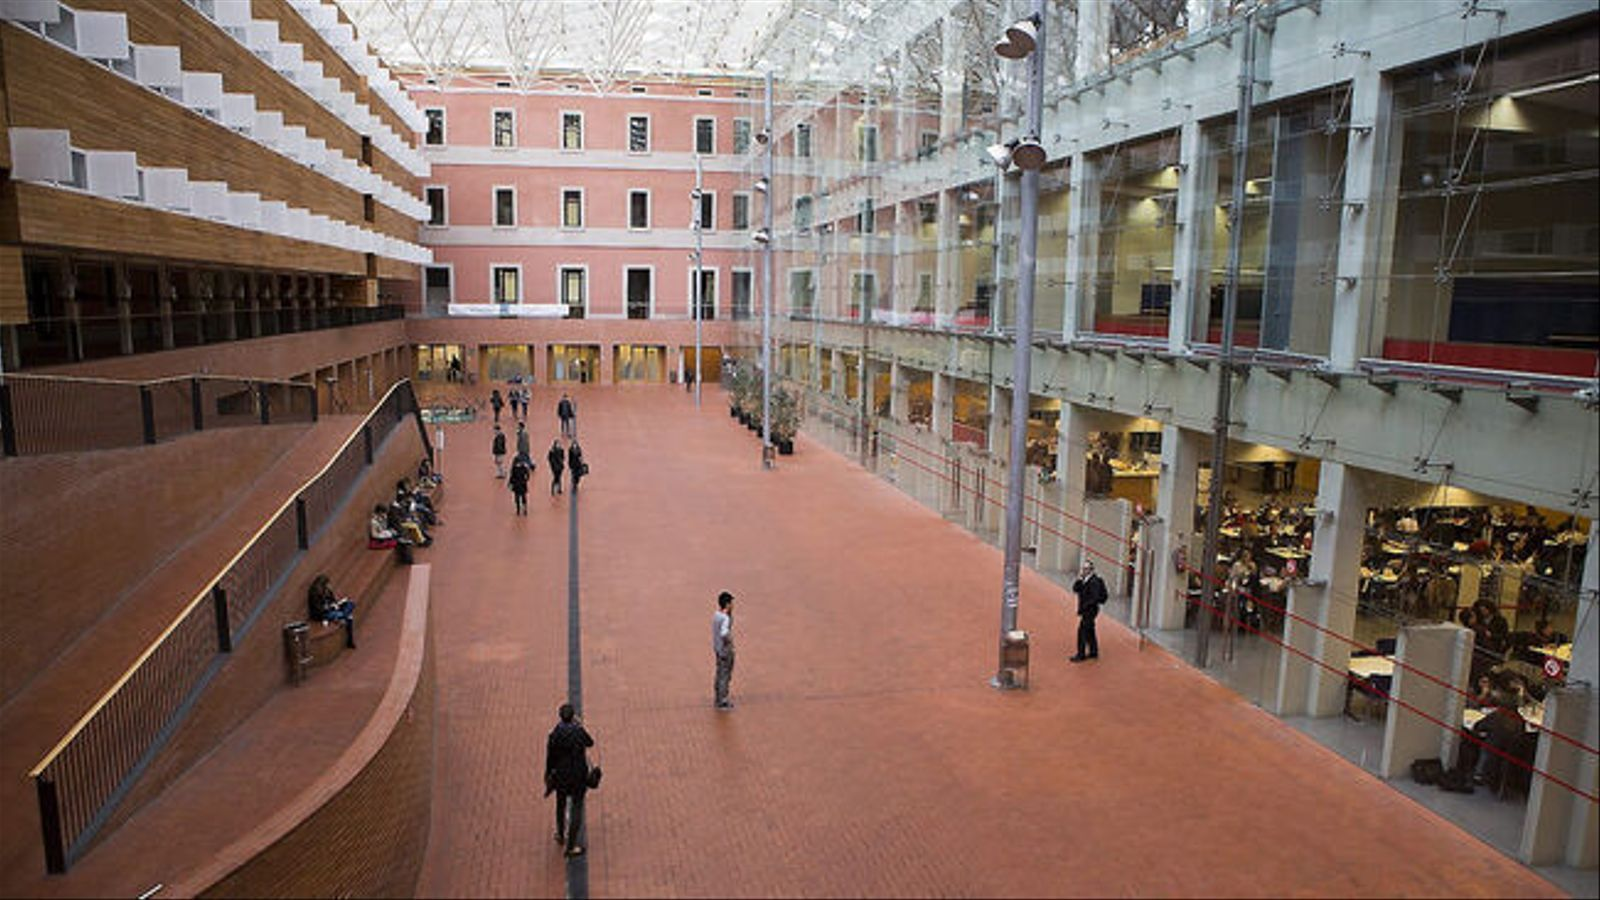 Una imatge del campus de la Ciutadella de la UPF. / MANOLO GARCÍA